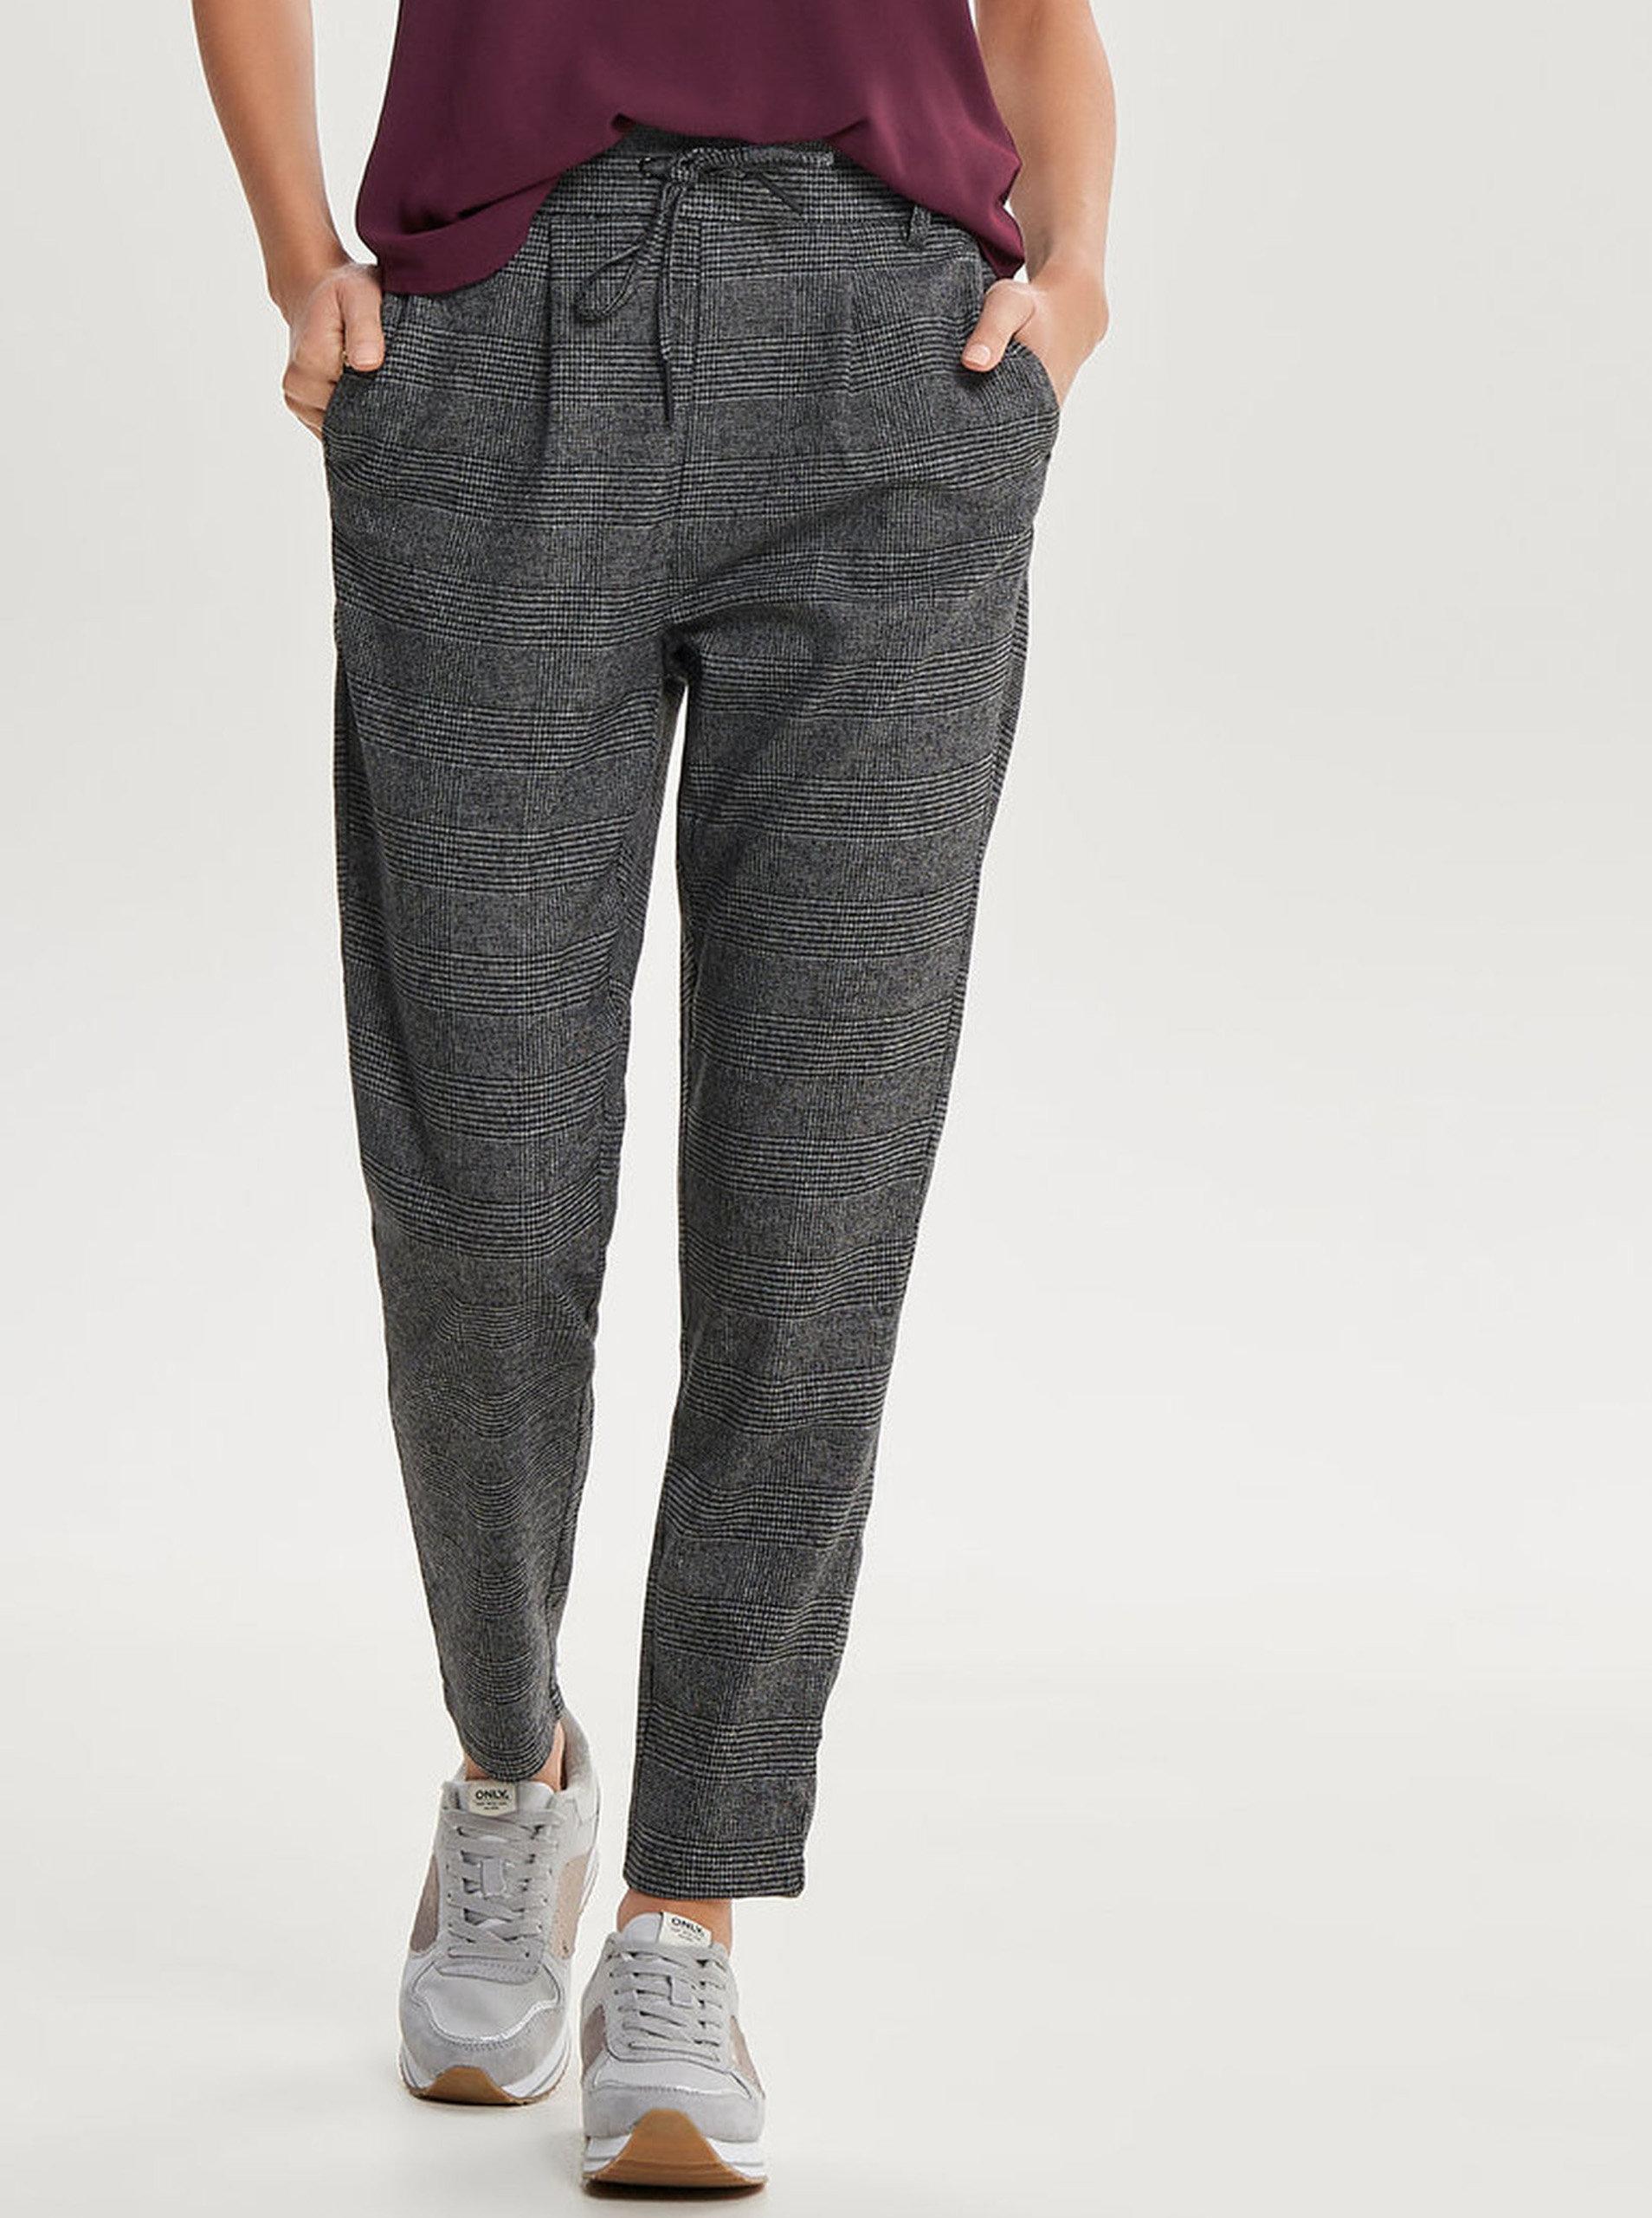 Šedo-černé vzorované kalhoty s elastickým pasem ONLY Poptrash ... c0b783c04e